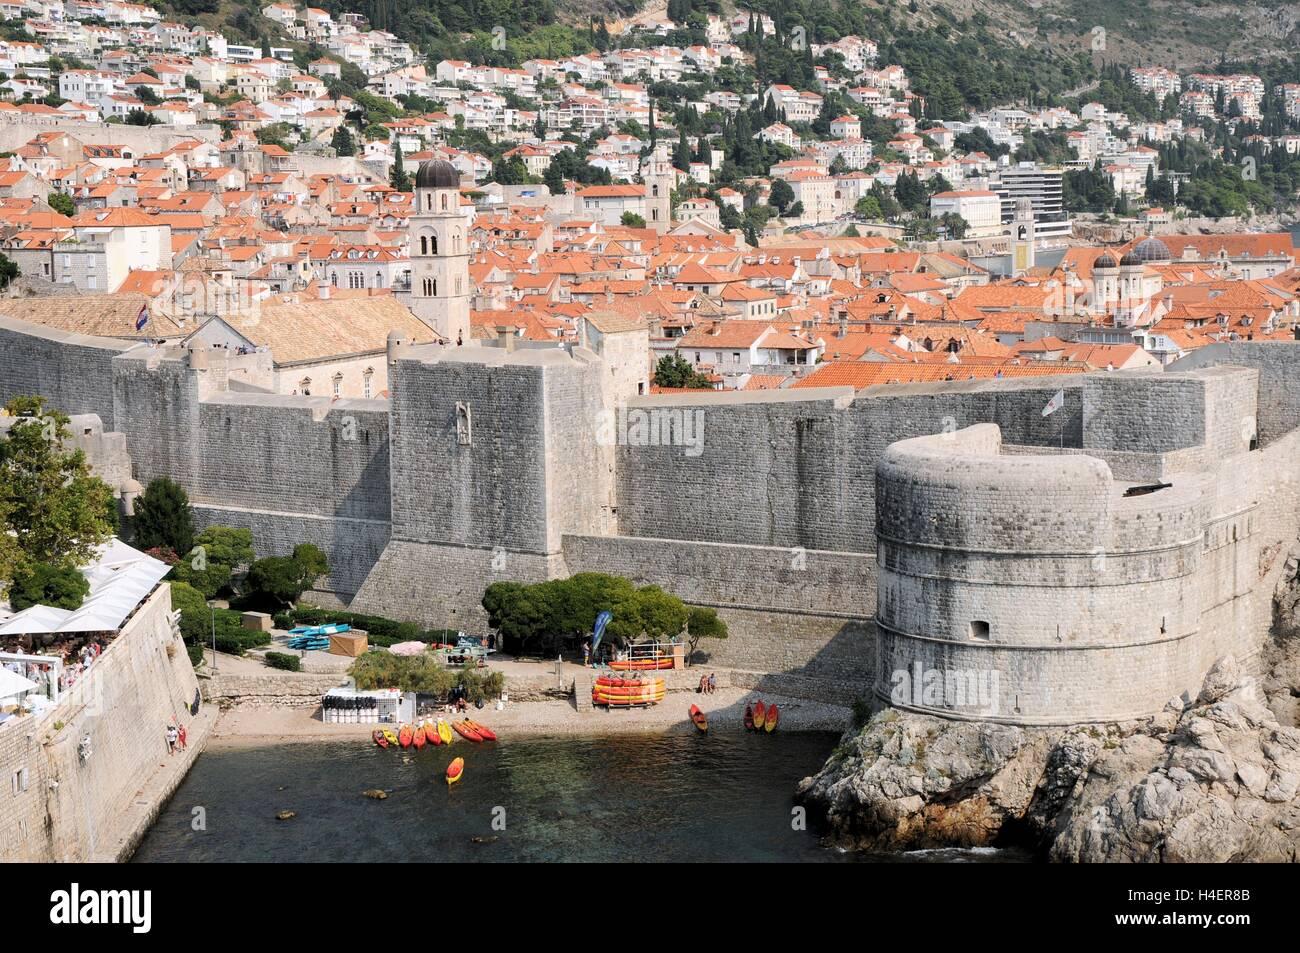 La Città Vecchia di Dubrovnik, Croazia Immagini Stock